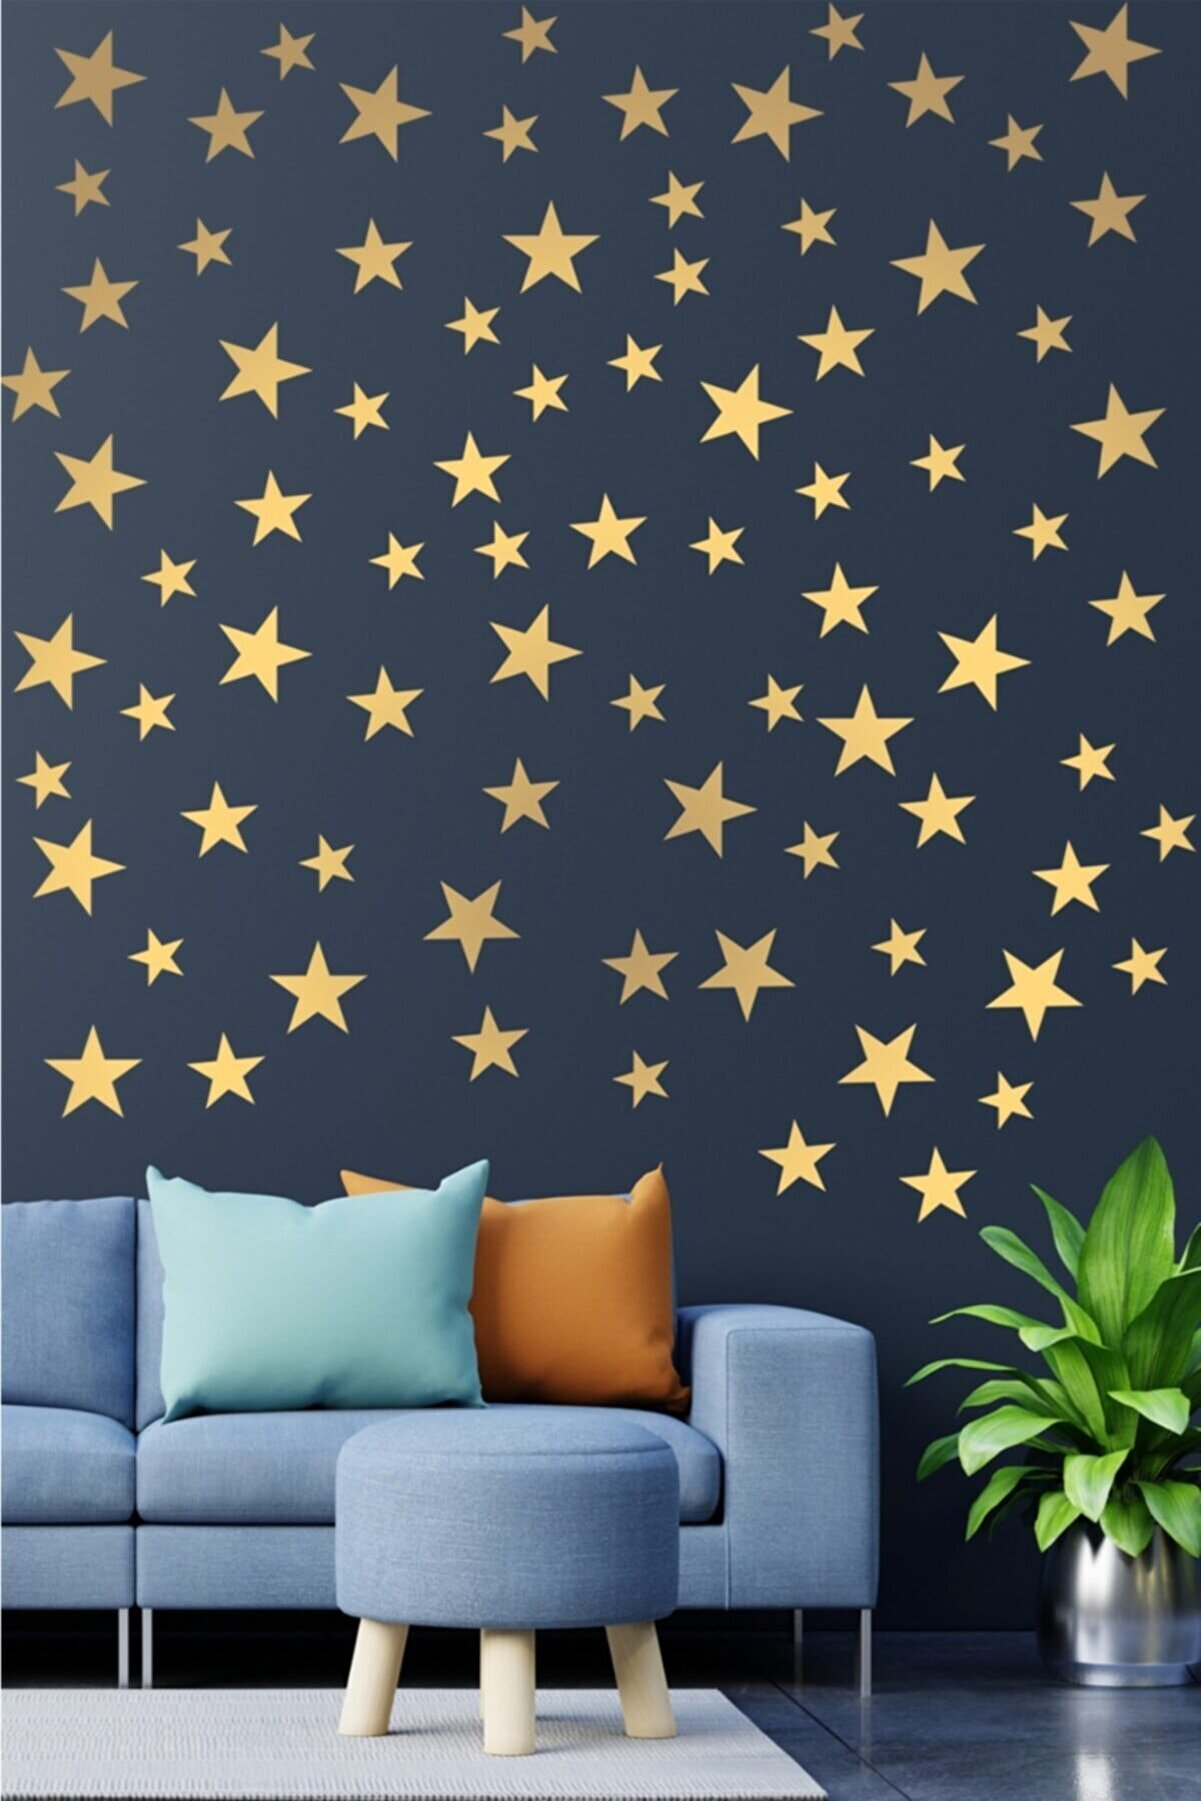 visare Çocuk Bebek Odası 100 Adet Metalize Altın Rengi Yıldız Dekoratif Duvar Sticker